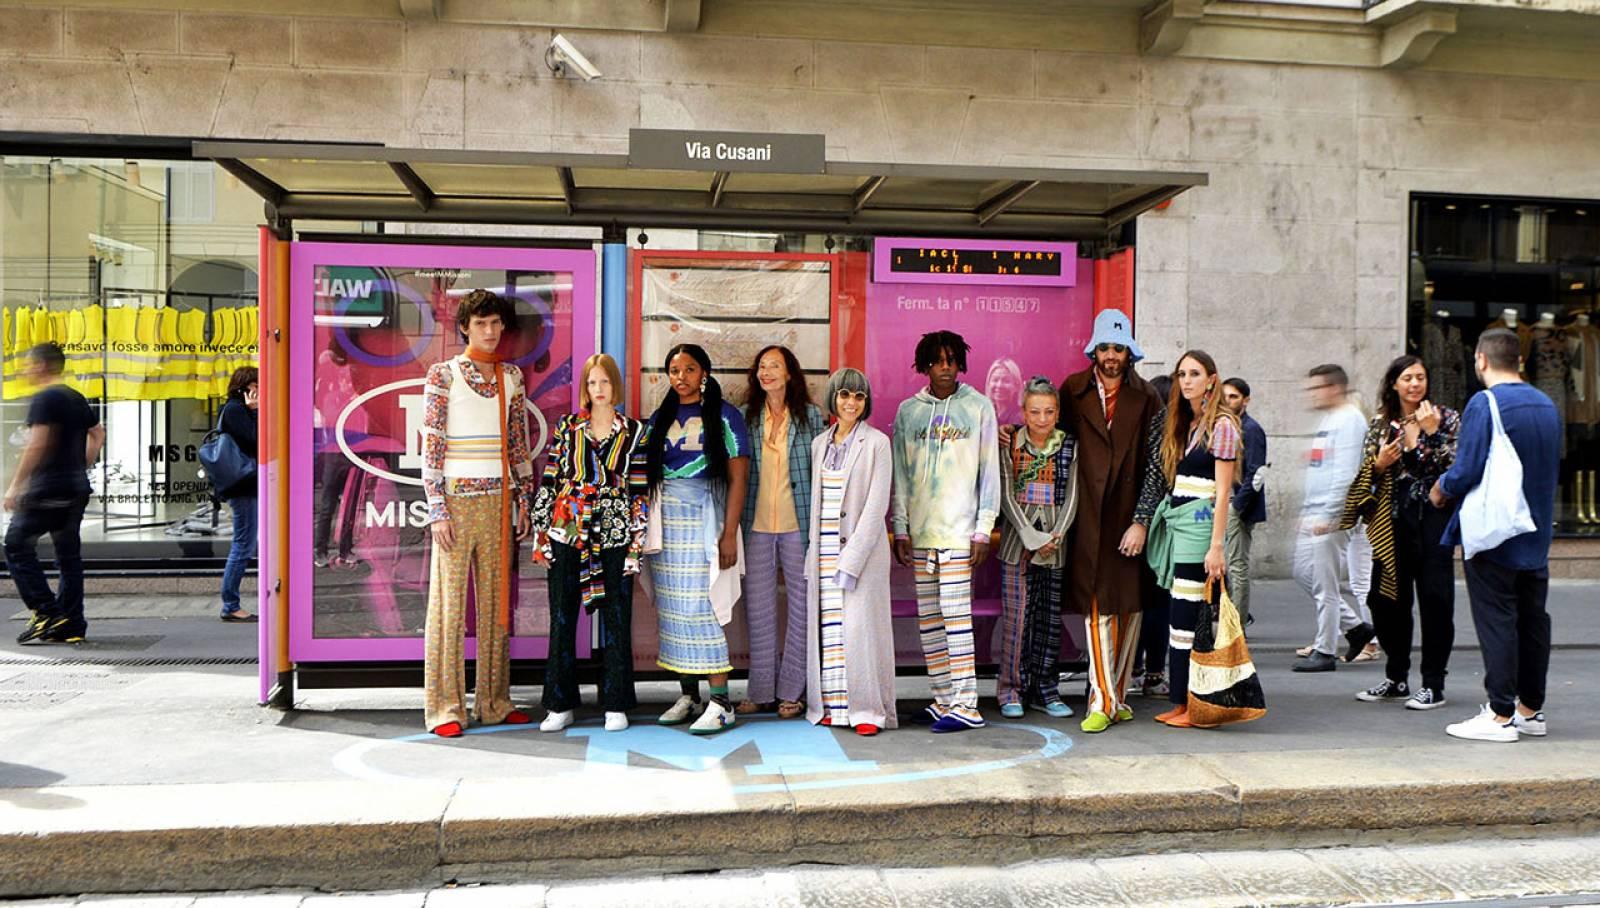 Pubblicità sulle pensiline IGPDecaux Milano Brand pensiline per M Missoni